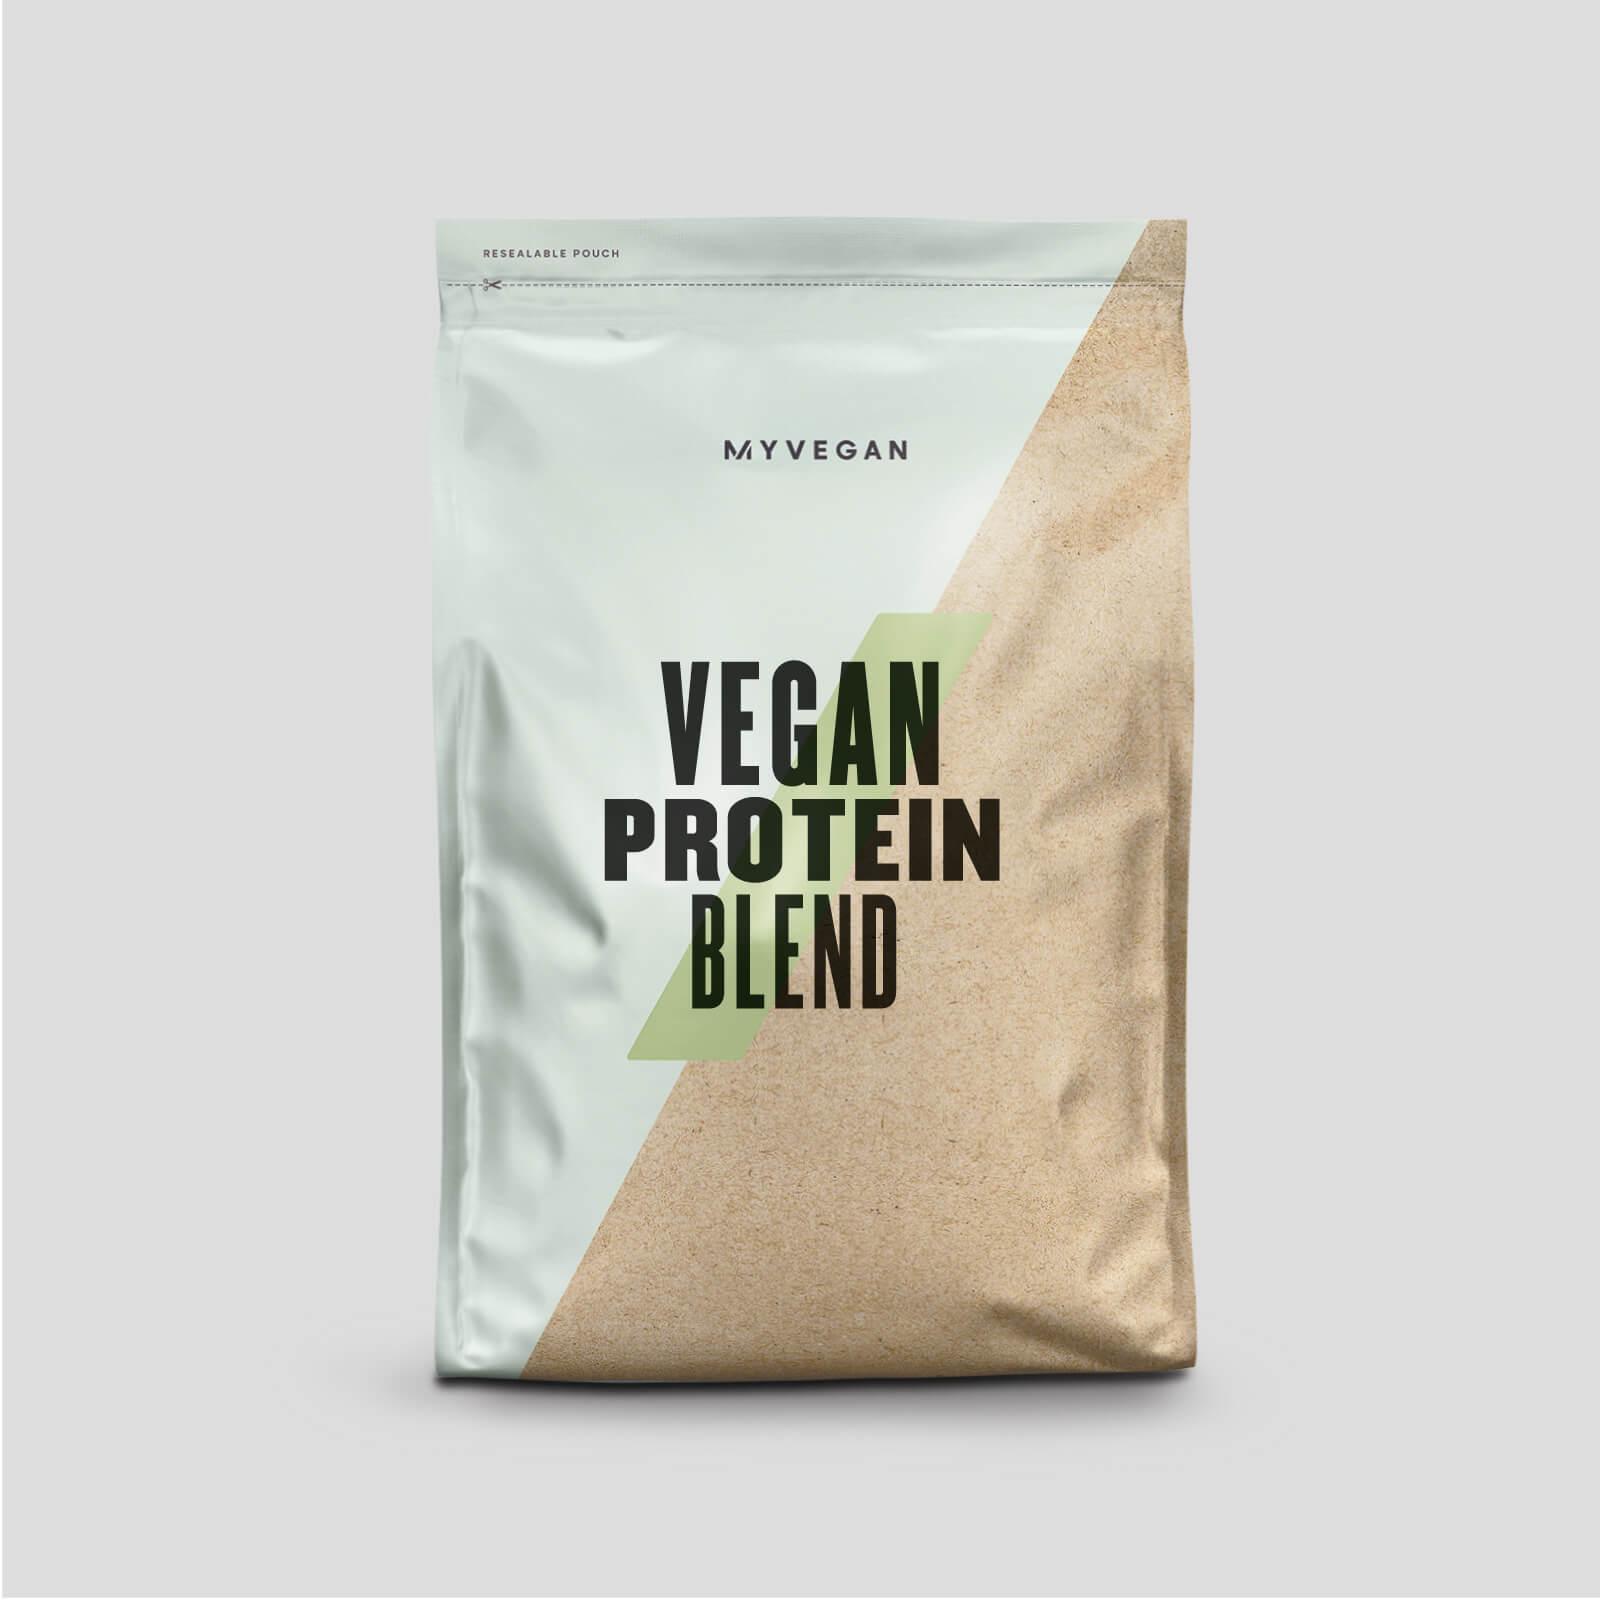 Myvegan Mezcla de Proteína Vegana - 250g - Cafe y Nueces